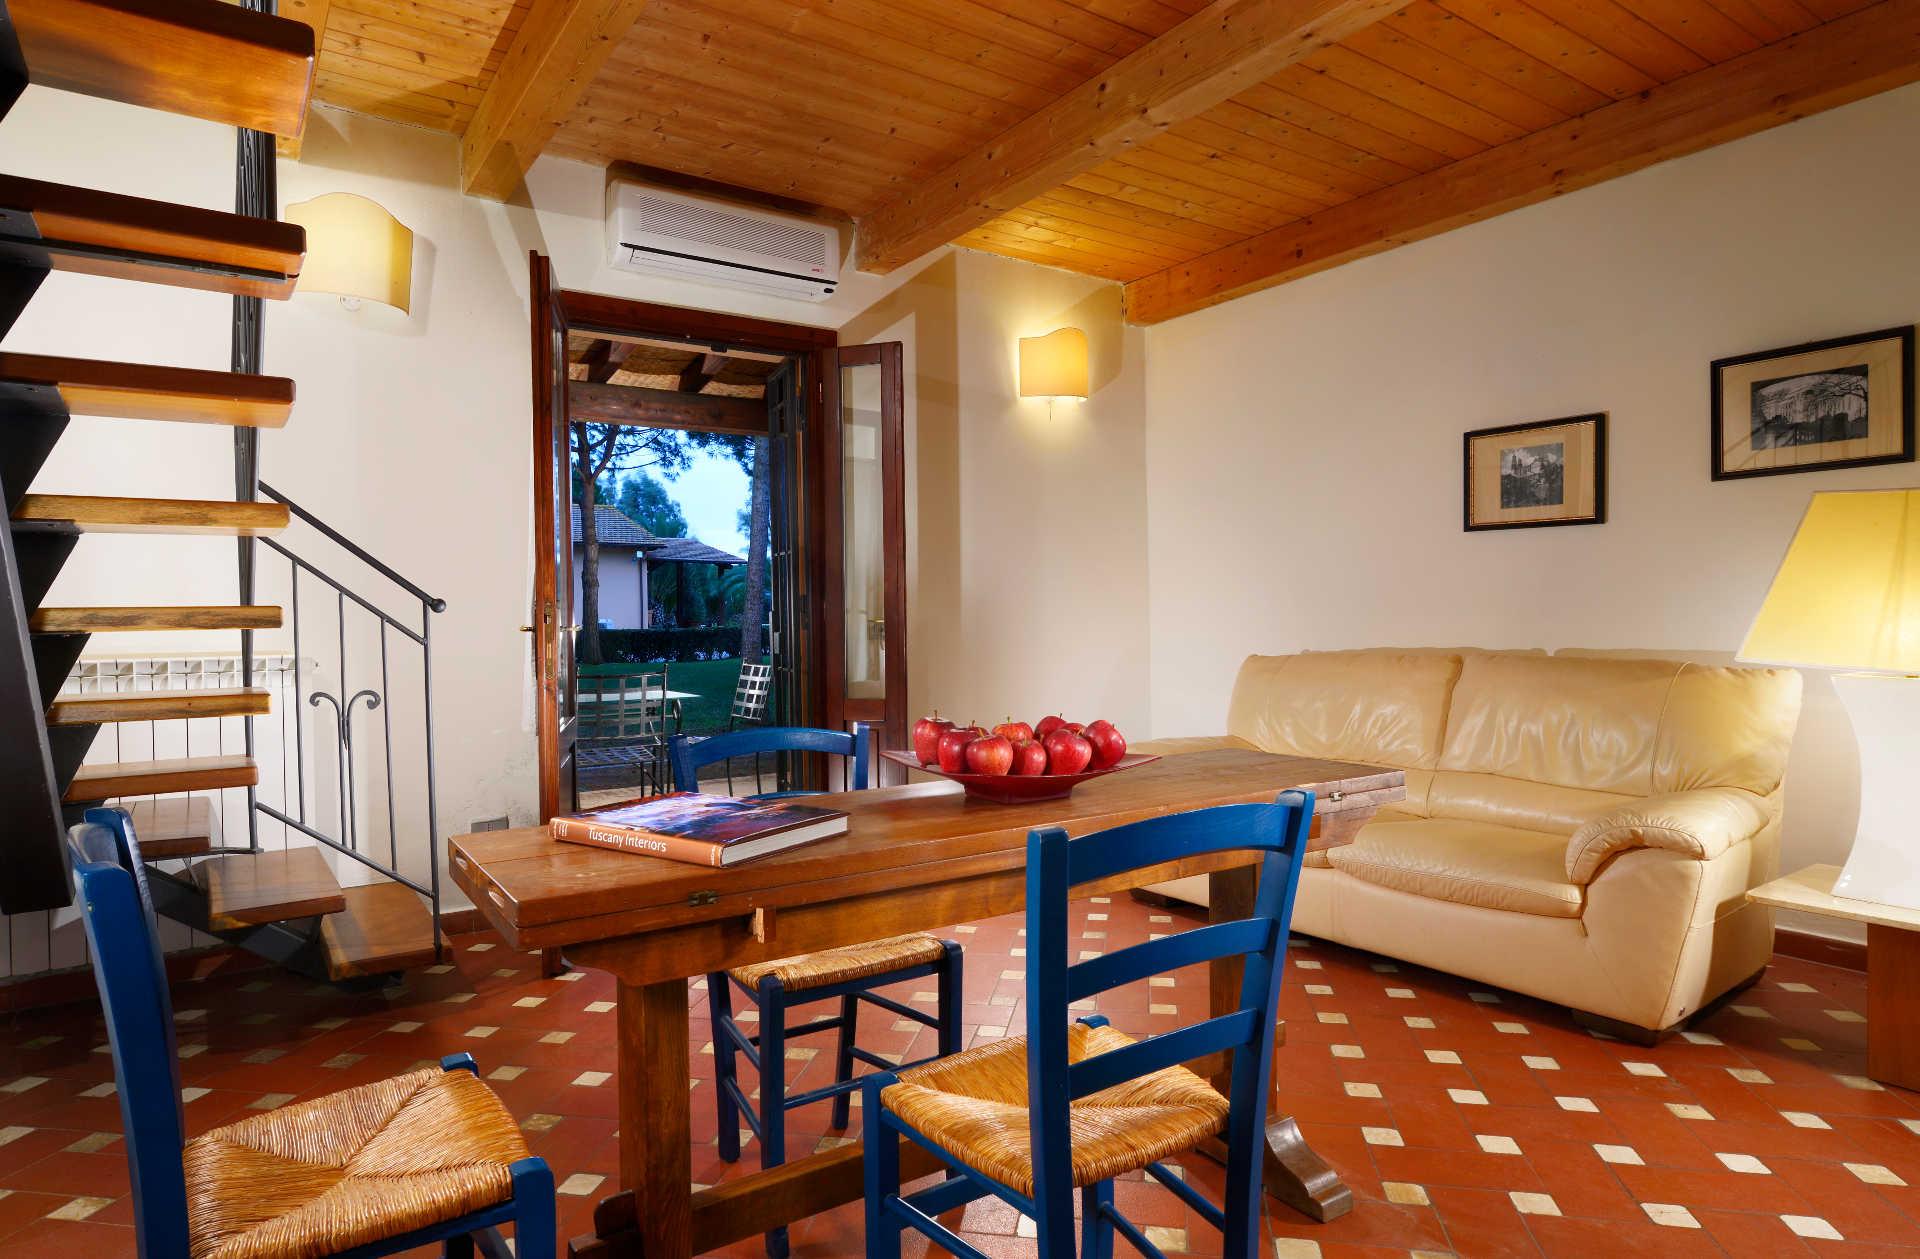 strutture che accettano bonus vacanze Toscana